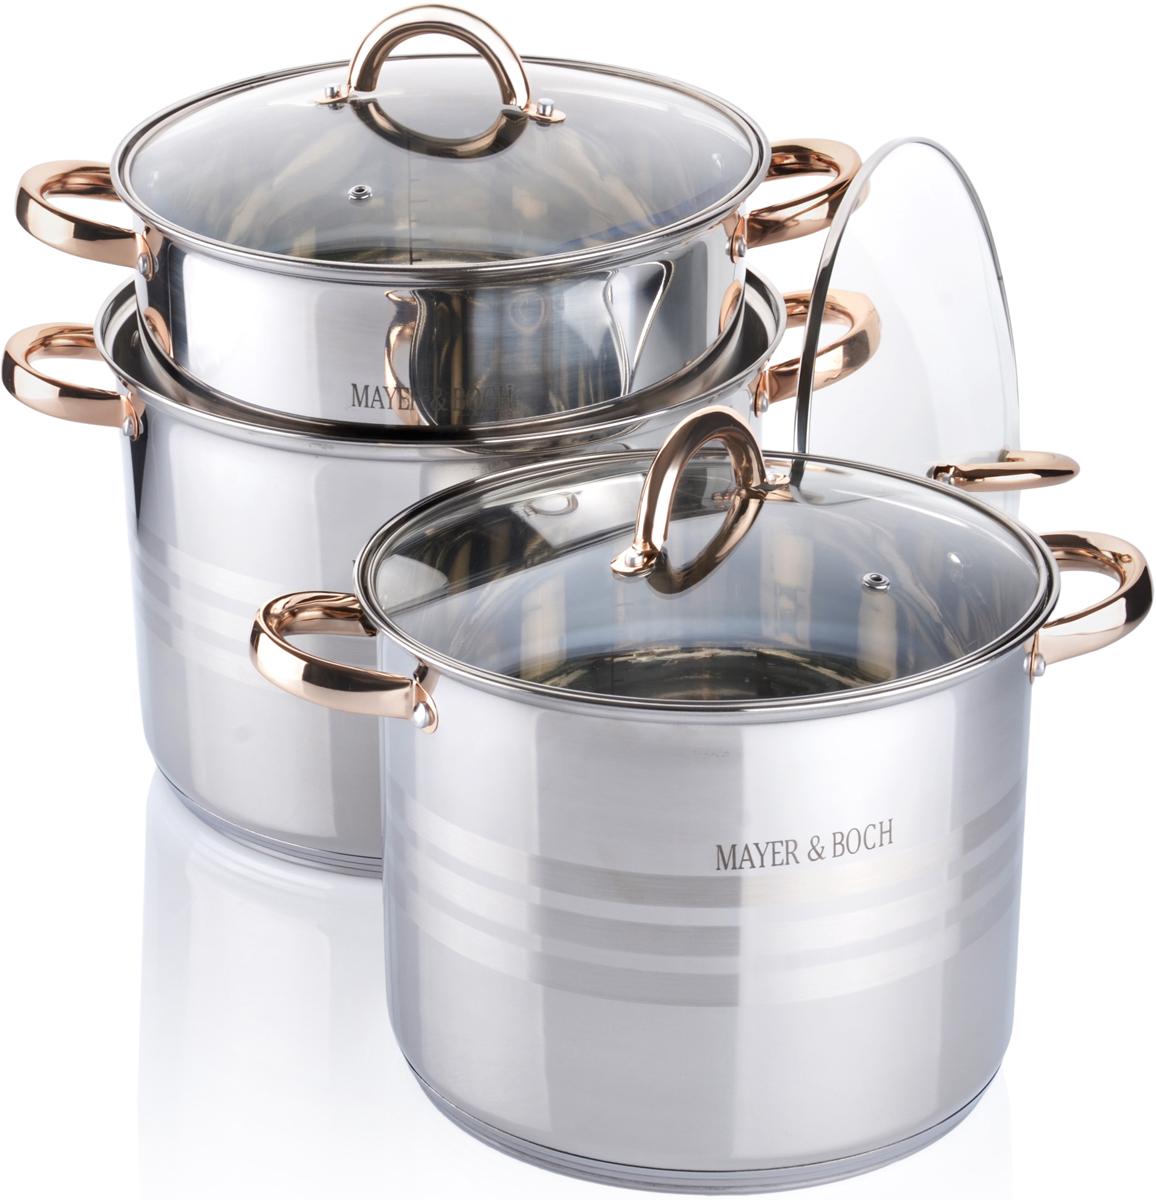 Набор посуды MAYER&BOCH выполнен из высококачественной нержавеющей пищевой стали с зеркальной внешней поверхностью. Внутренняя поверхность идеально ровная, что значительно облегчает мытье. Крышки, выполненные из термостойкого стекла, имеют отверстие паровыпуска и металлический обод. Крышки плотно прилегают к краям посуды, предотвращая проливание жидкости и сохраняя аромат блюд. Также изделия снабжены эргономичными стальными ручками. В комплекте 6 предметов: 3 кастрюли и 3 крышки. Подходит для использования на всех типах плит, включая индукционные. Подходит для мытья в посудомоечной машине.